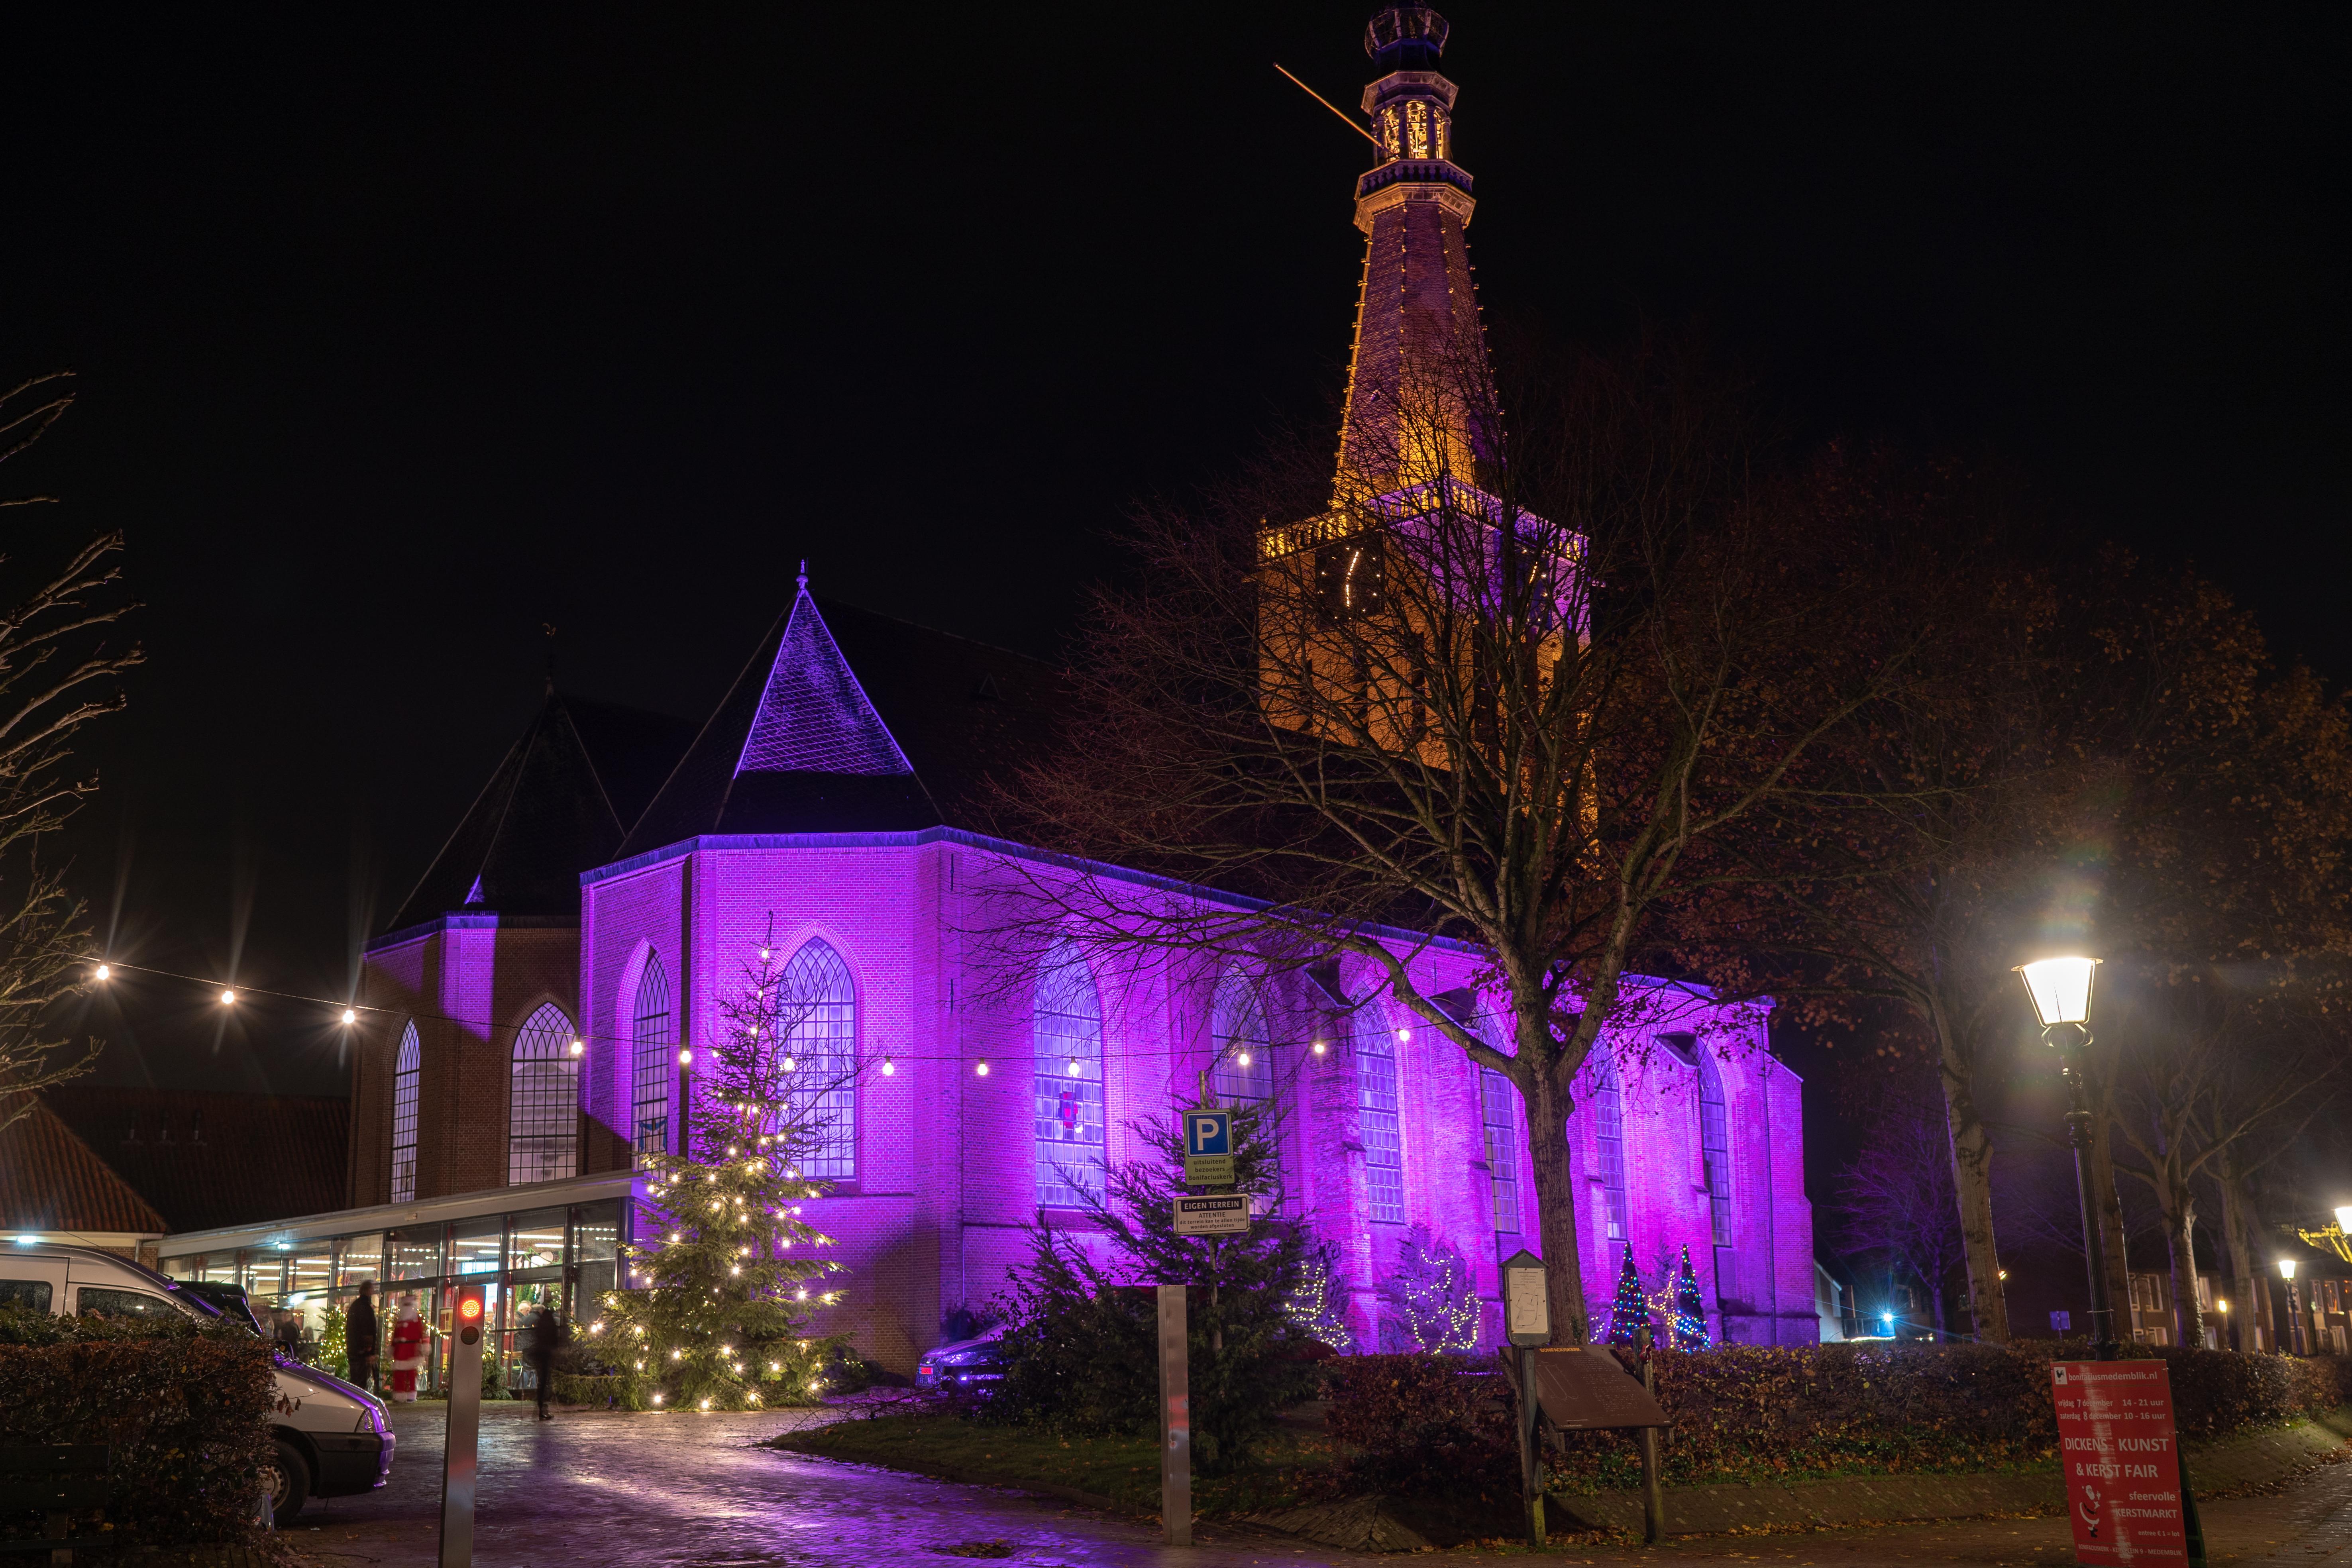 De prachtig verlichte Bonifaciuskerk in Medemblik, door Pieter Ratten. (Foto: Pascal van As)